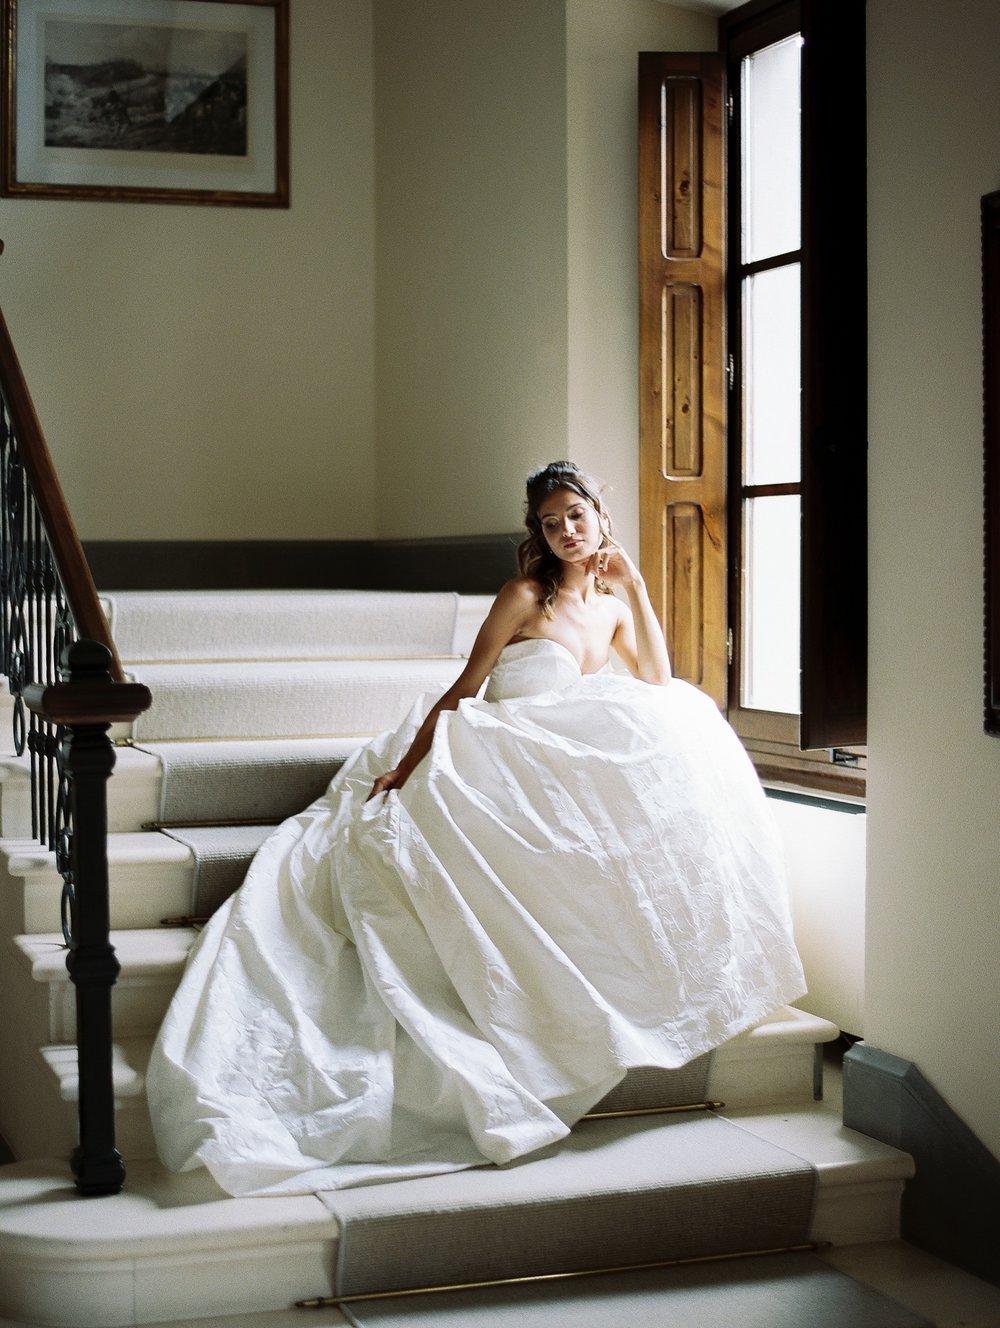 Il Borro Tuscany Italy Wedding Photographer_0848.jpg